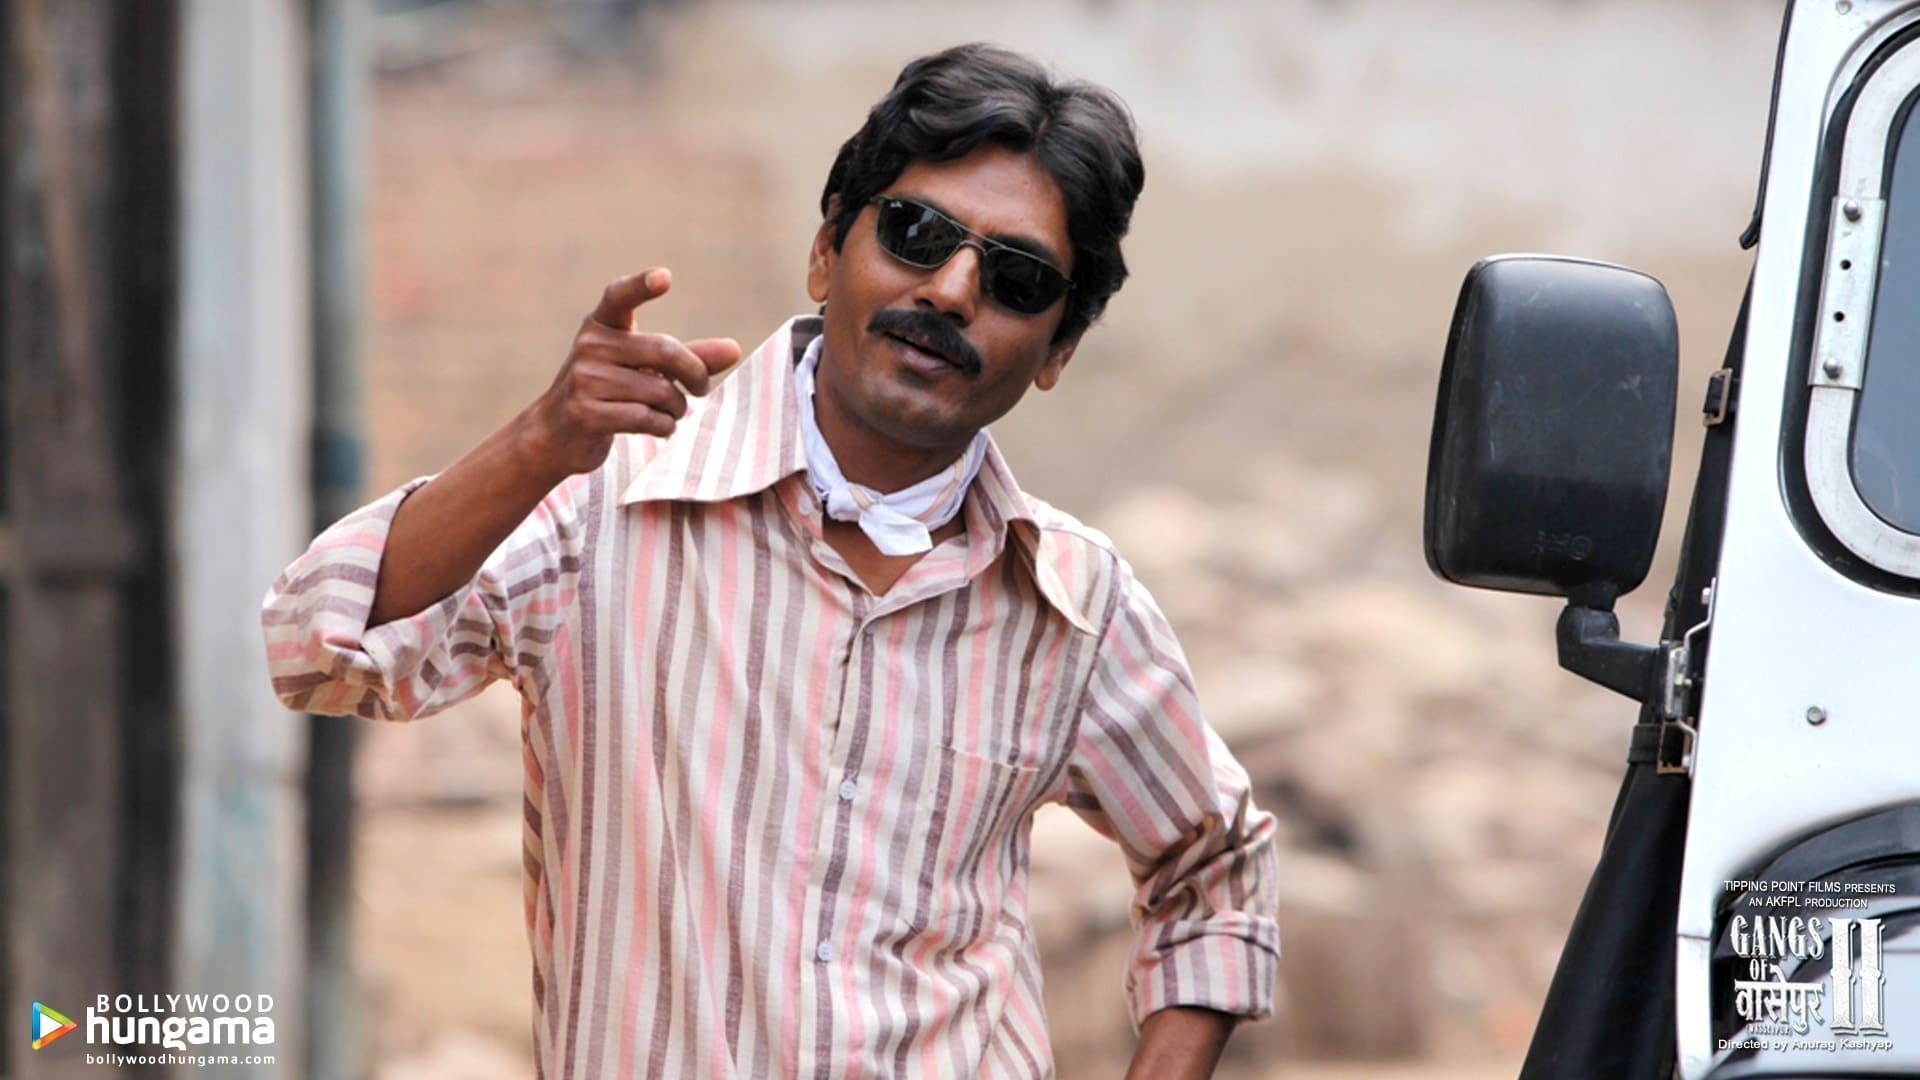 Watch Gangs of Wasseypur - Part 2 (2012) Full Movie Online ...